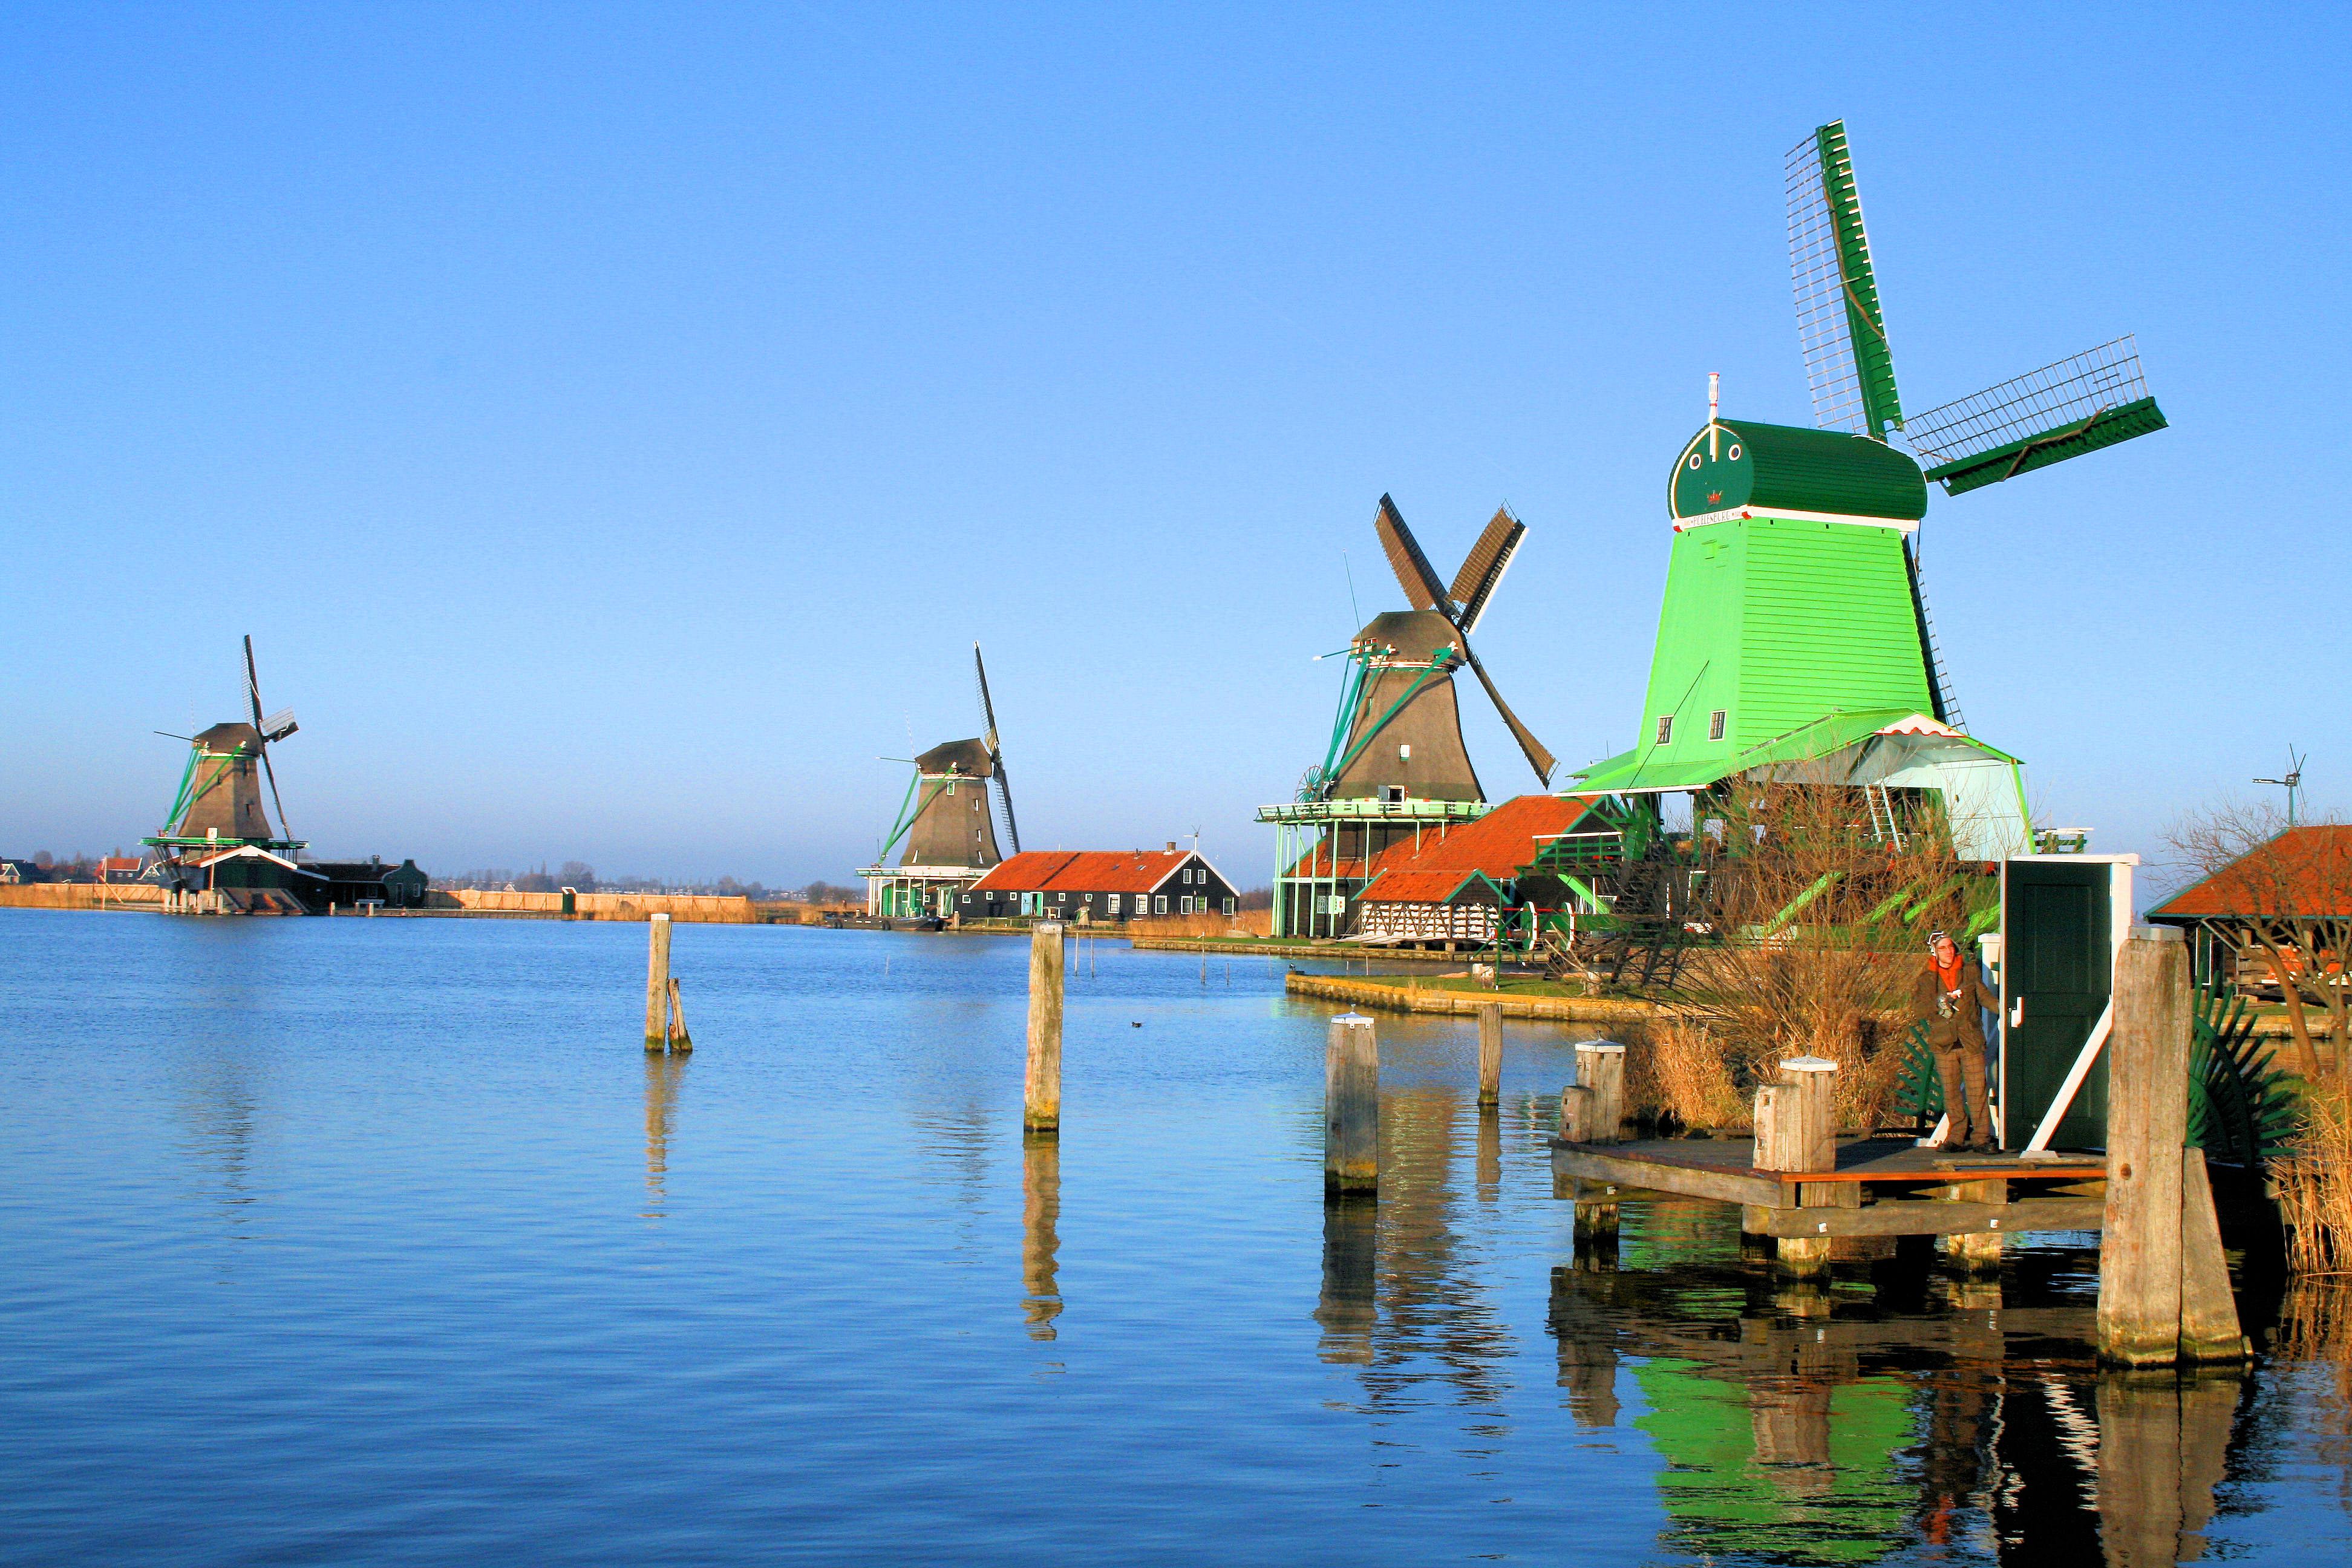 Tour Du Lịch Châu Âu 5 Nước Giá Rẻ: Pháp - Luxembourg - Đức - Hà Lan - Bỉ